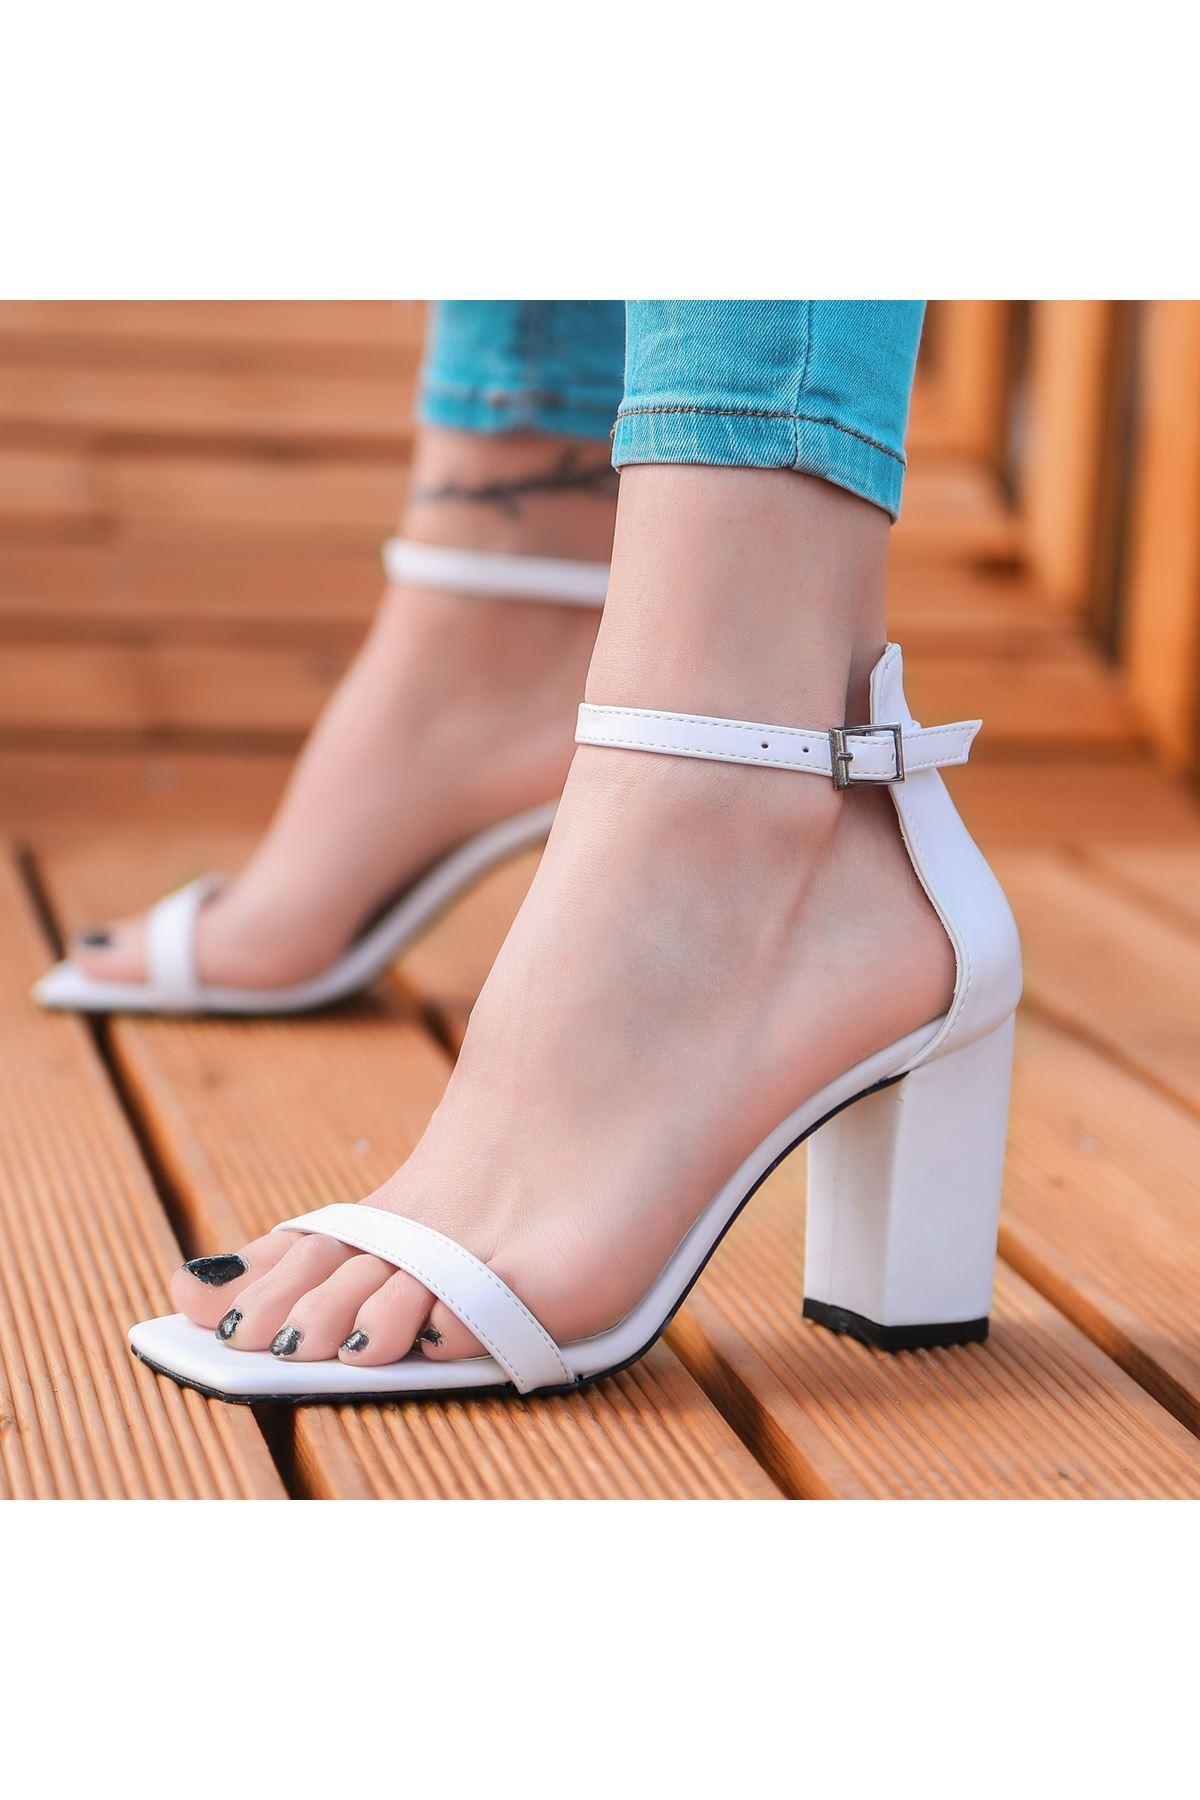 Siga Beyaz Cilt Topuklu Ayakkabı